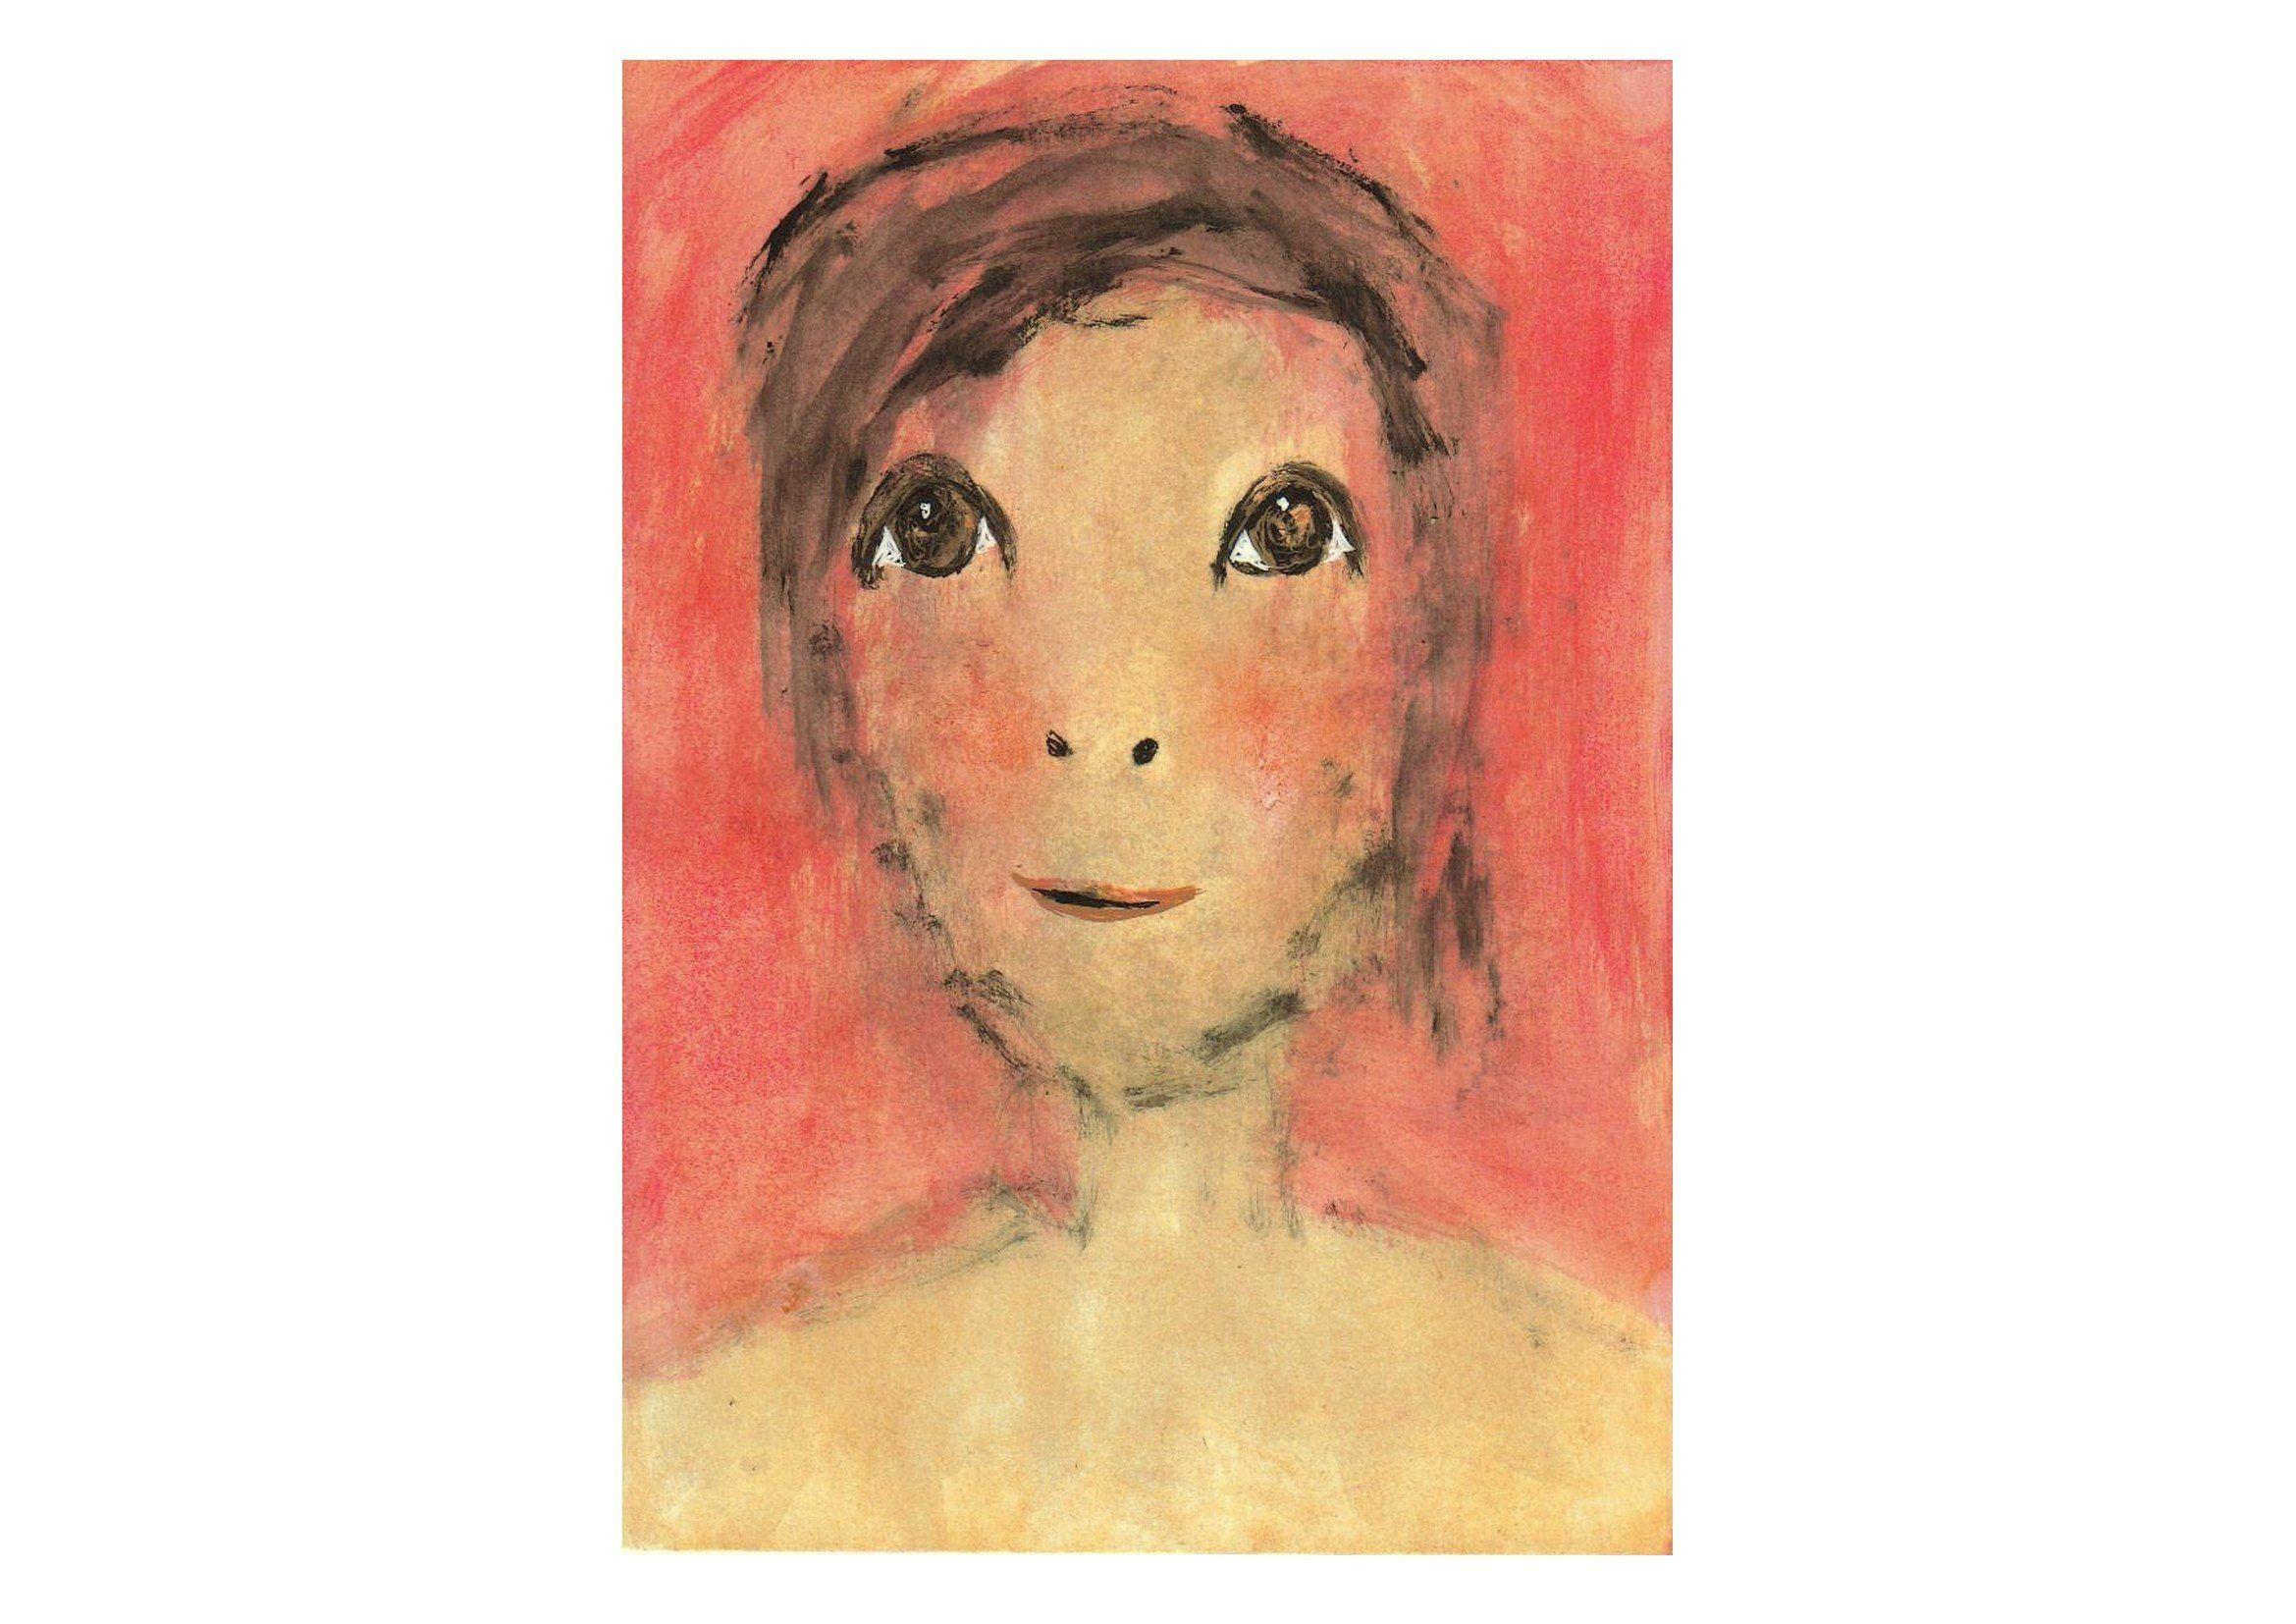 Peinture Portrait Ado Aux Grands Yeux Expressifs Rouge Beige